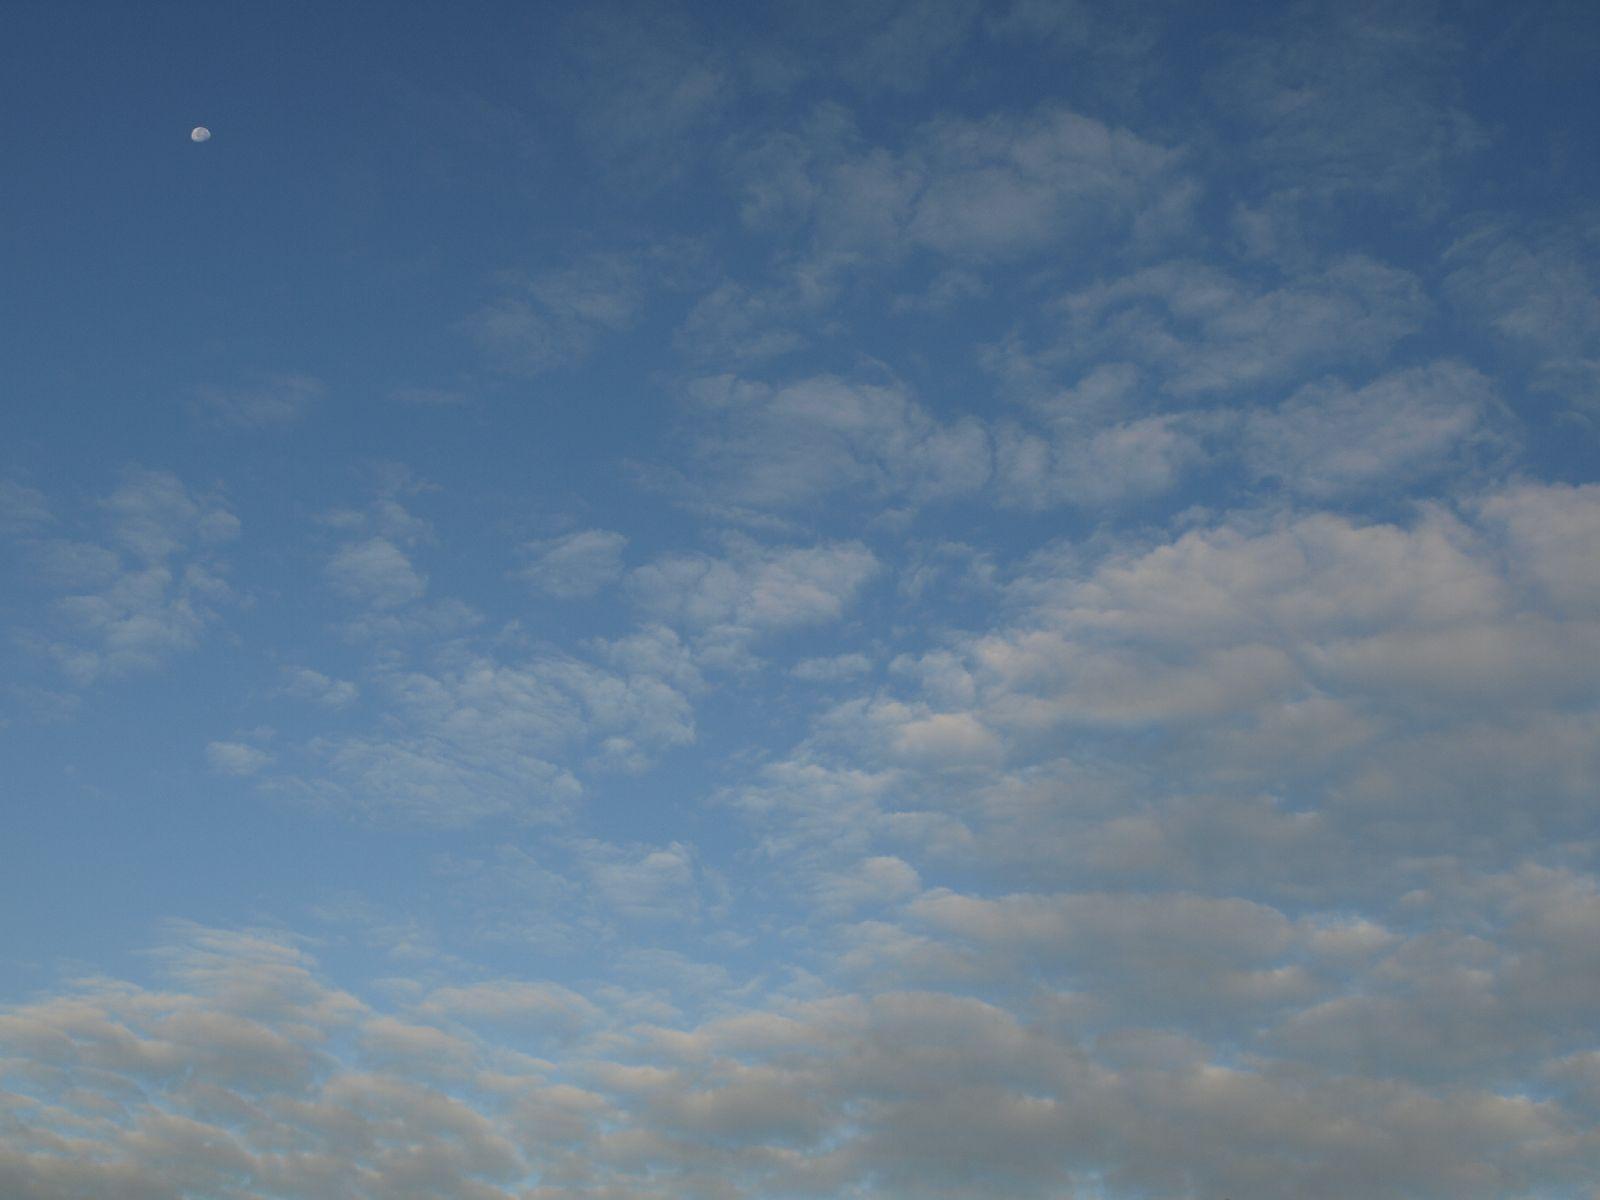 Himmel-Wolken-Foto_Textur_A_P8214531